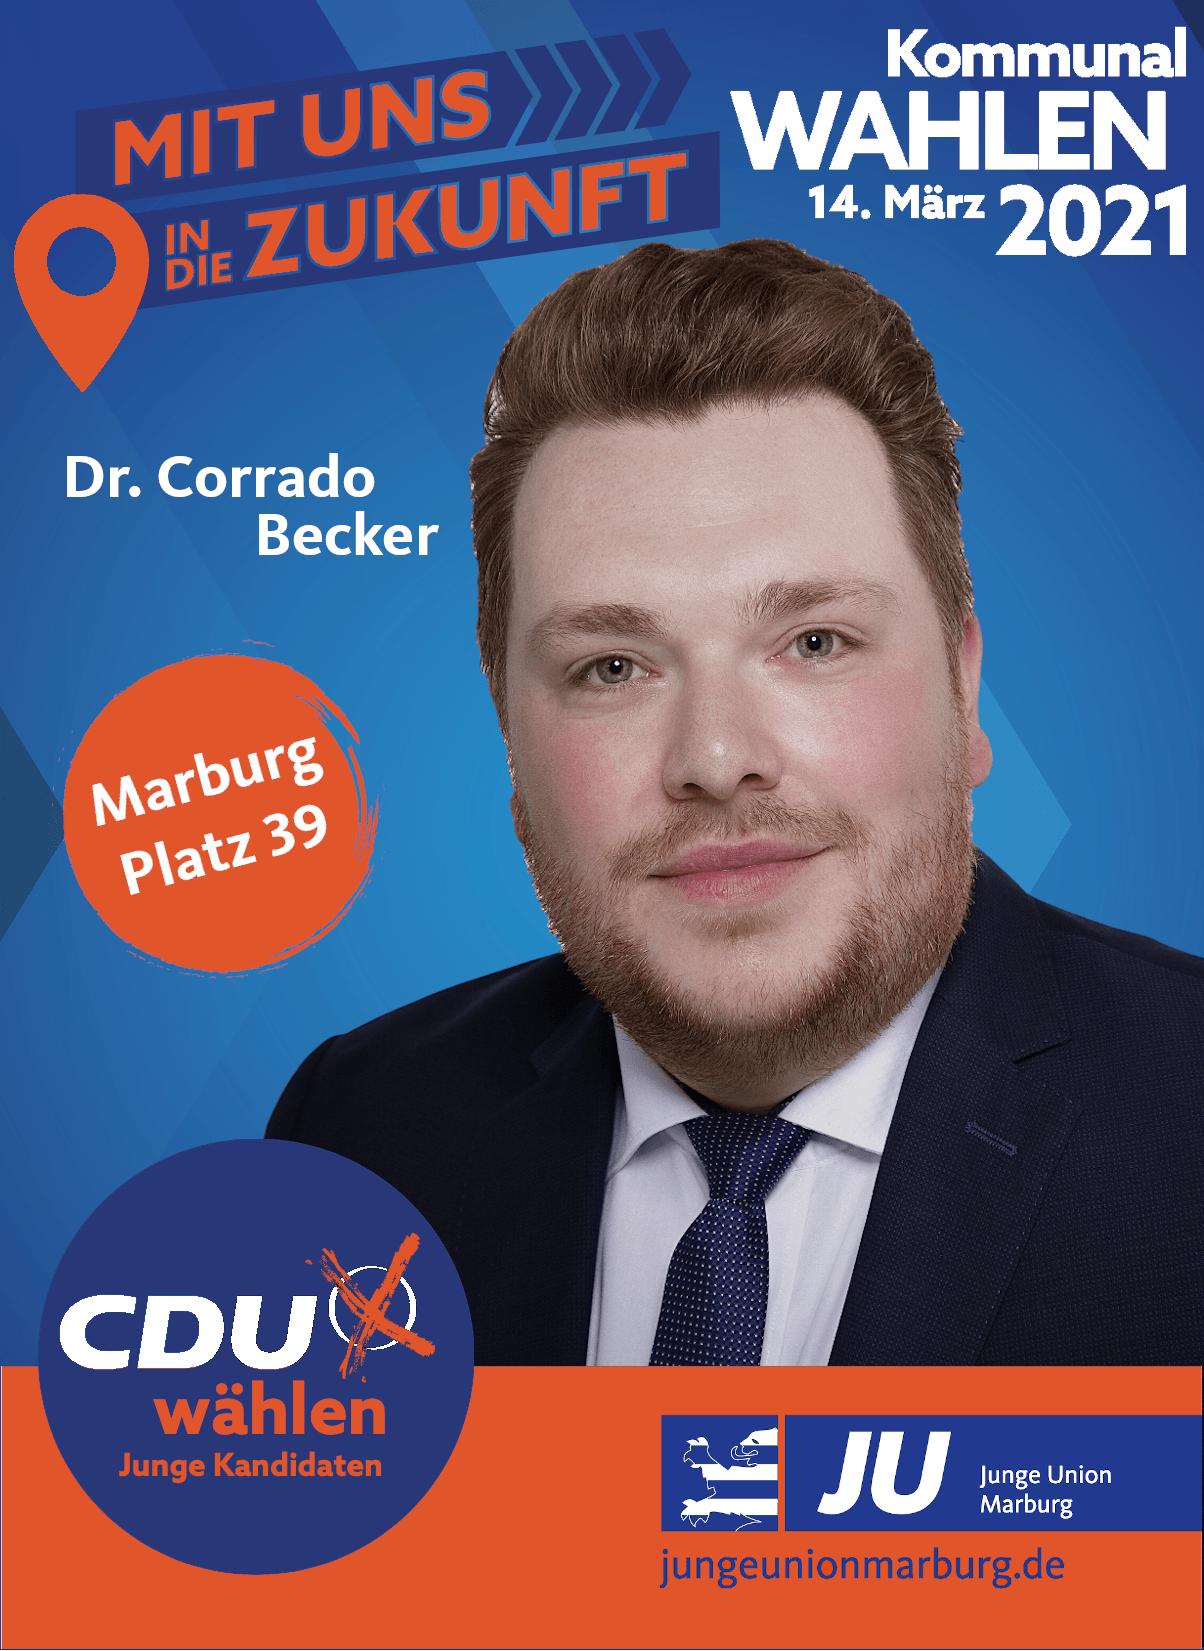 Unsere Kandidaten für die Kommunalwahl 2021 stellen sich